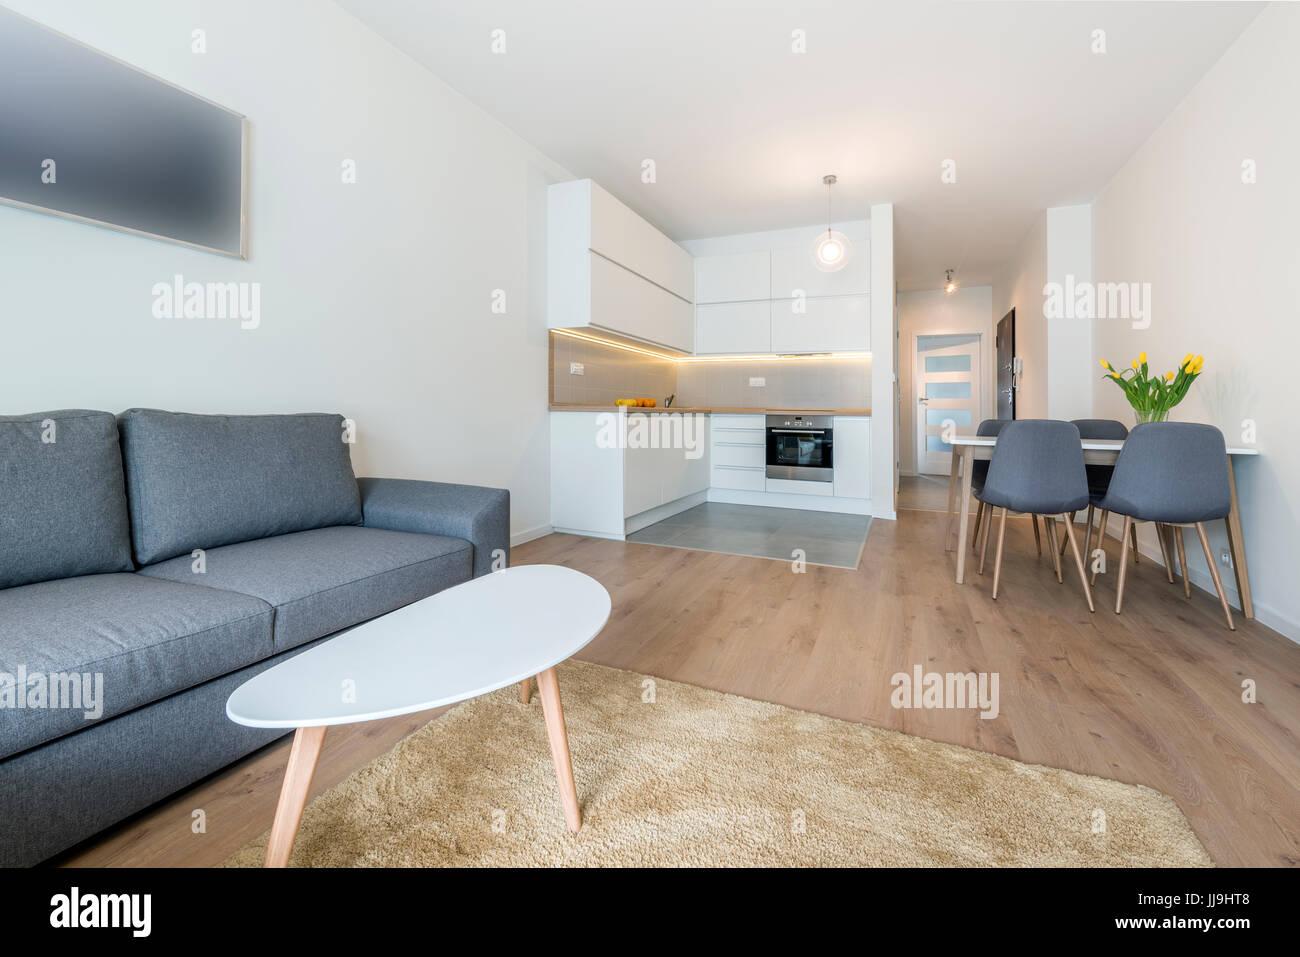 Moderne Wohnzimmer Und Kuche In Kleinen Wohnung Stockfoto Bild